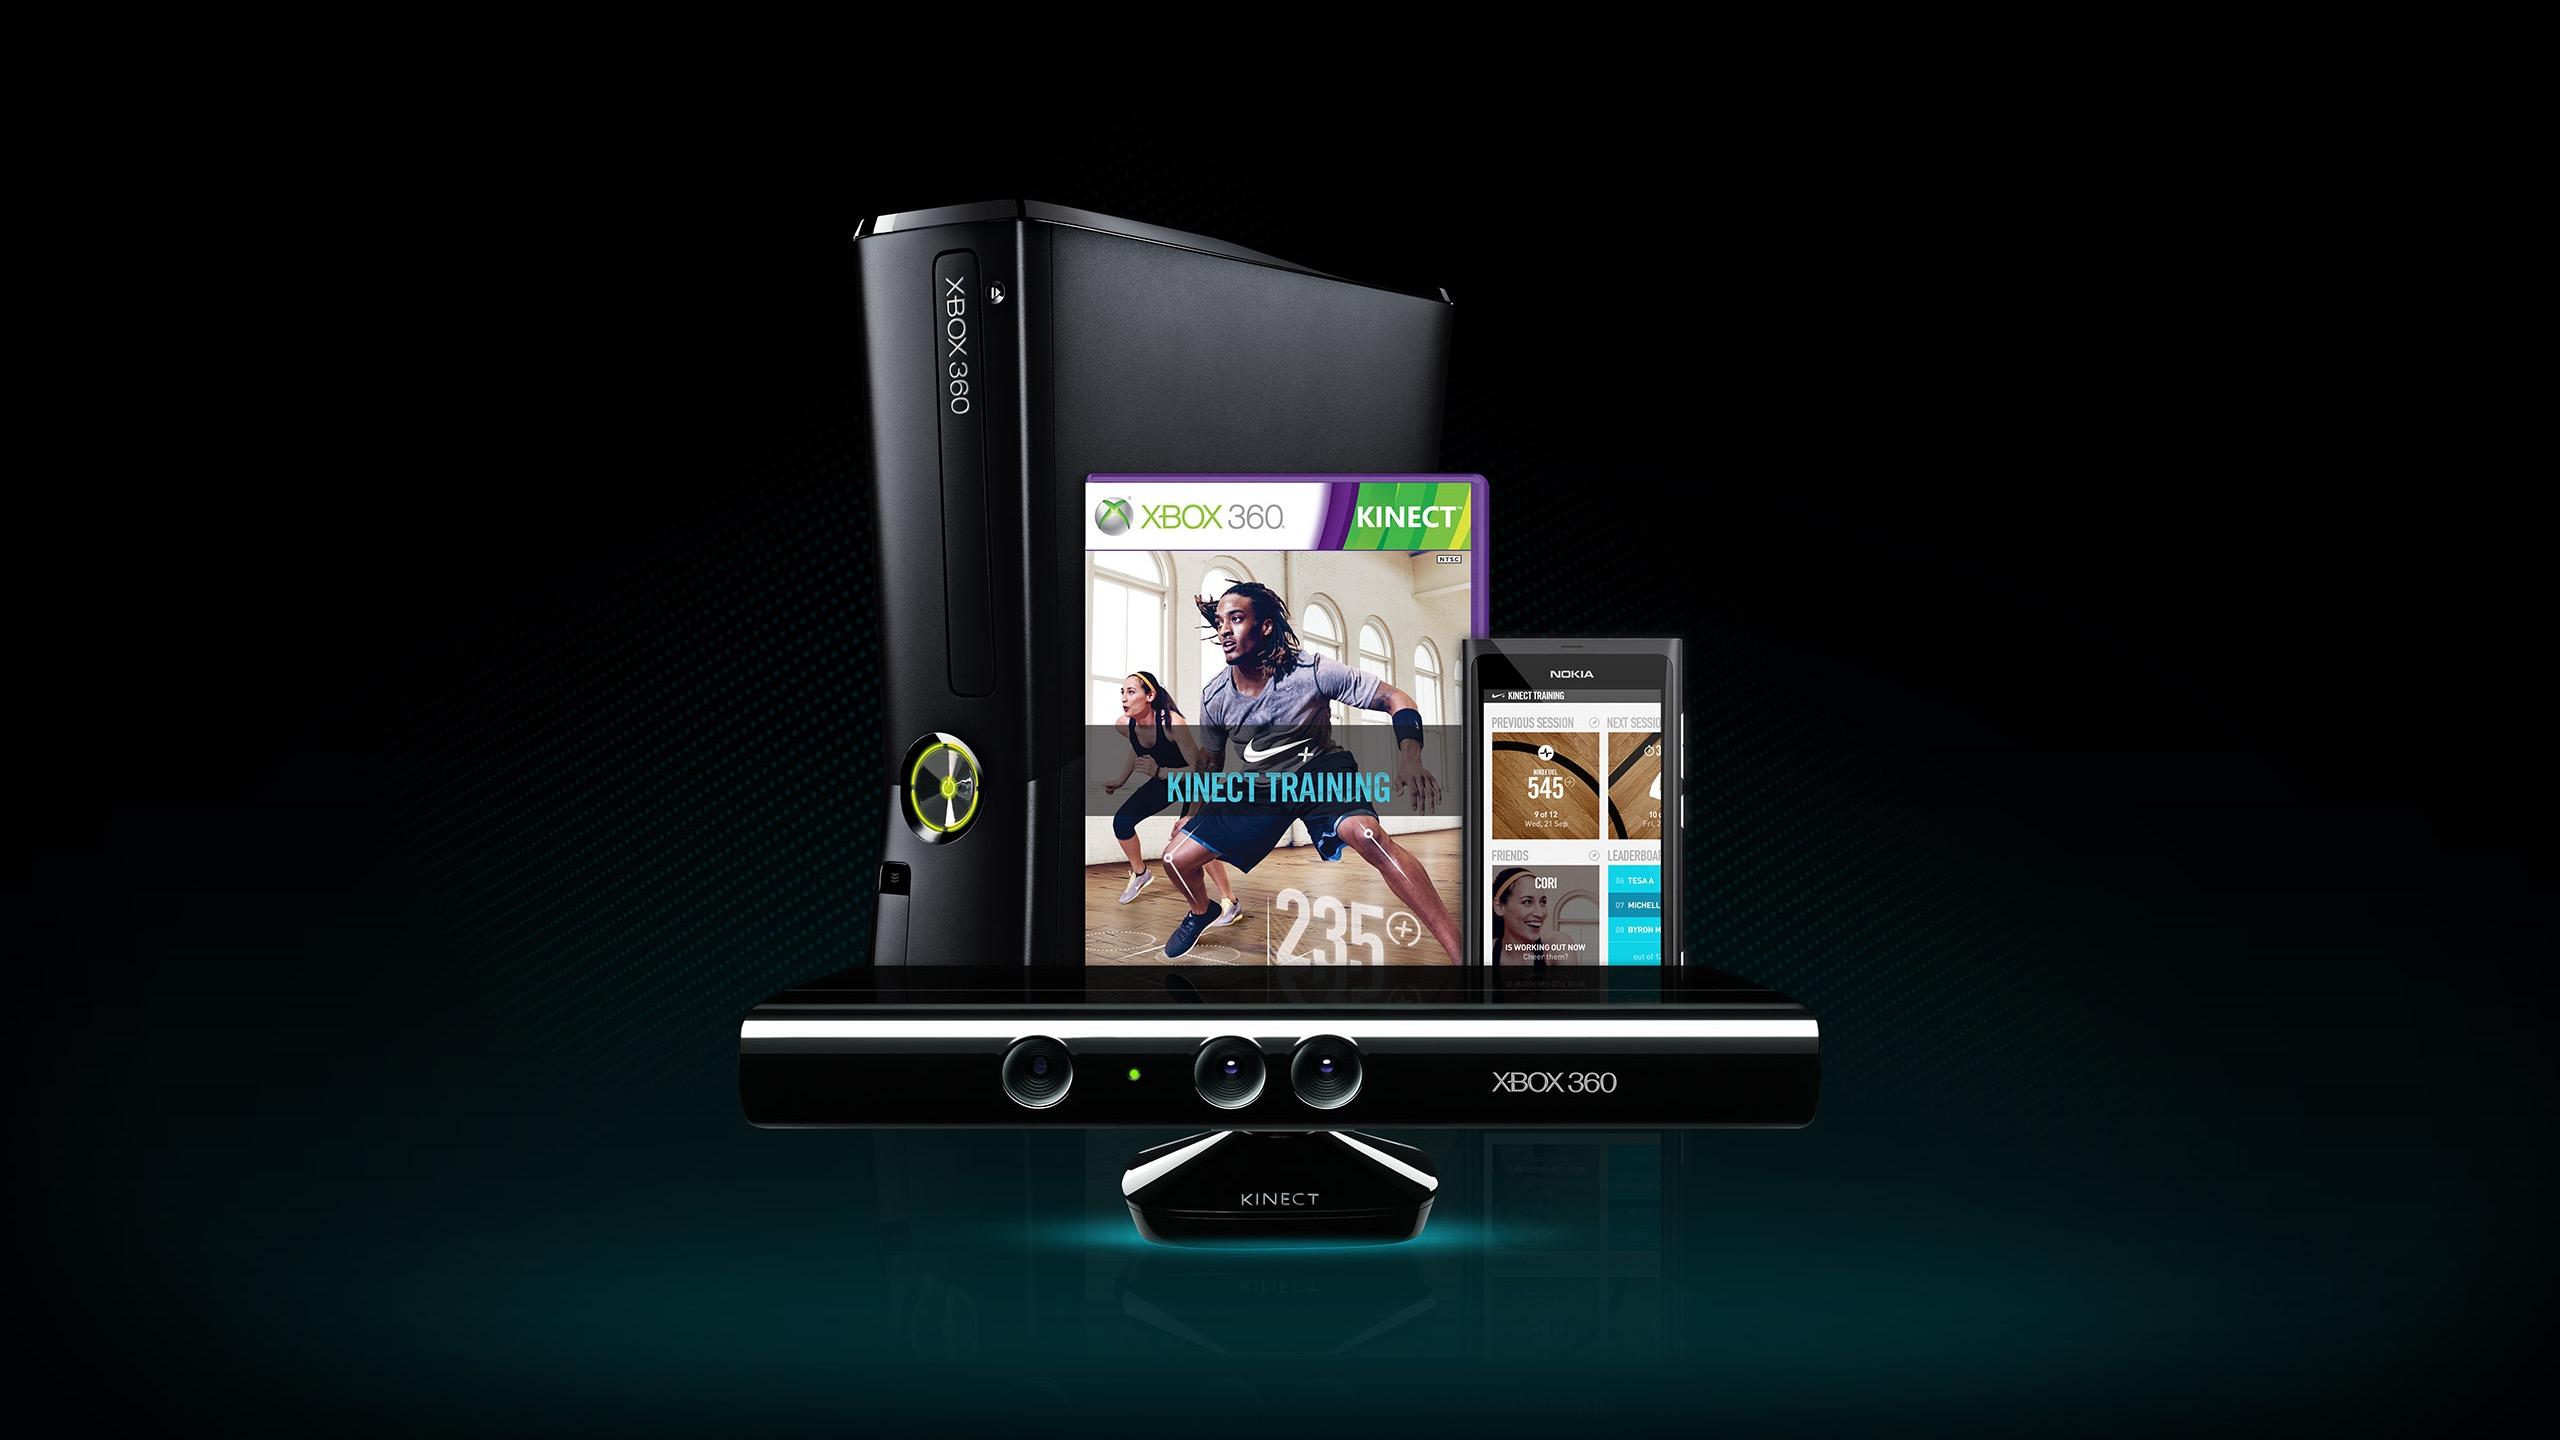 Nike+: Kinect Training